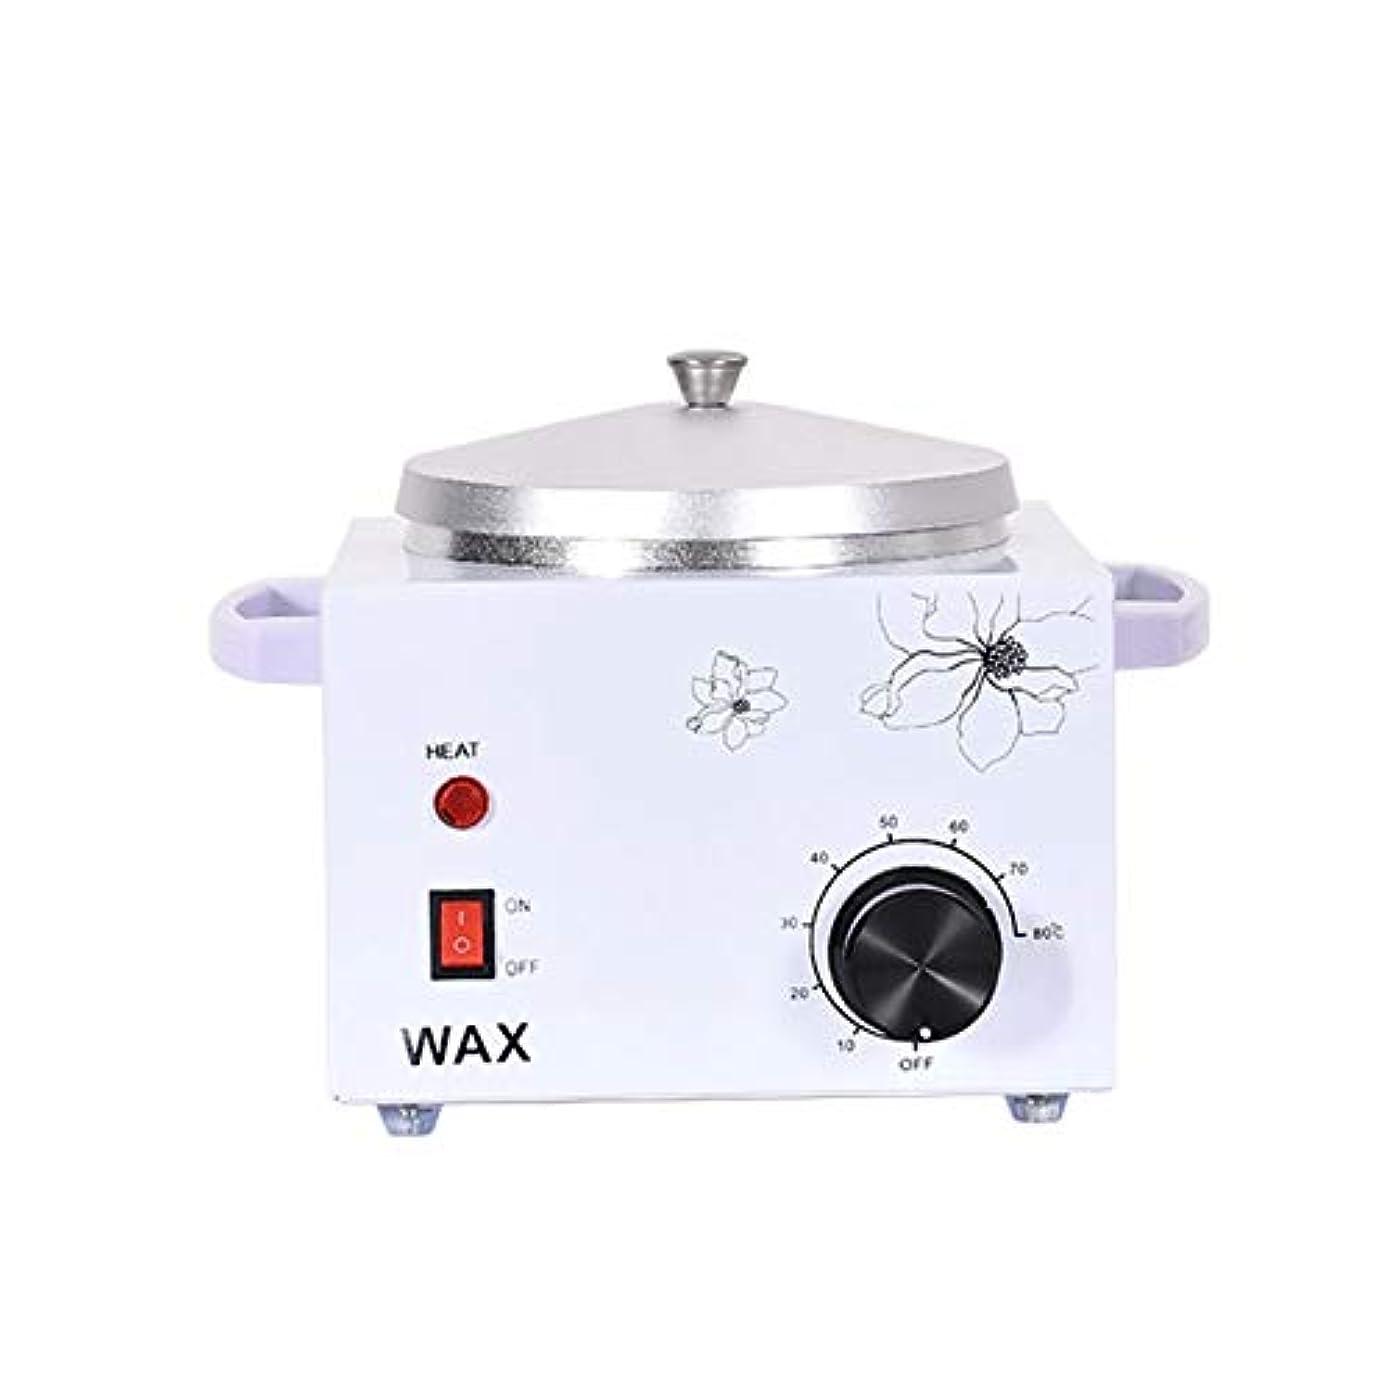 レイアむしろ命題プロフェッショナル電気ワックスウォーマーヒーター美容室ワックスポット多機能シングル口の炉内温度制御脱毛脱毛ワックスビーンヒーター600ccの